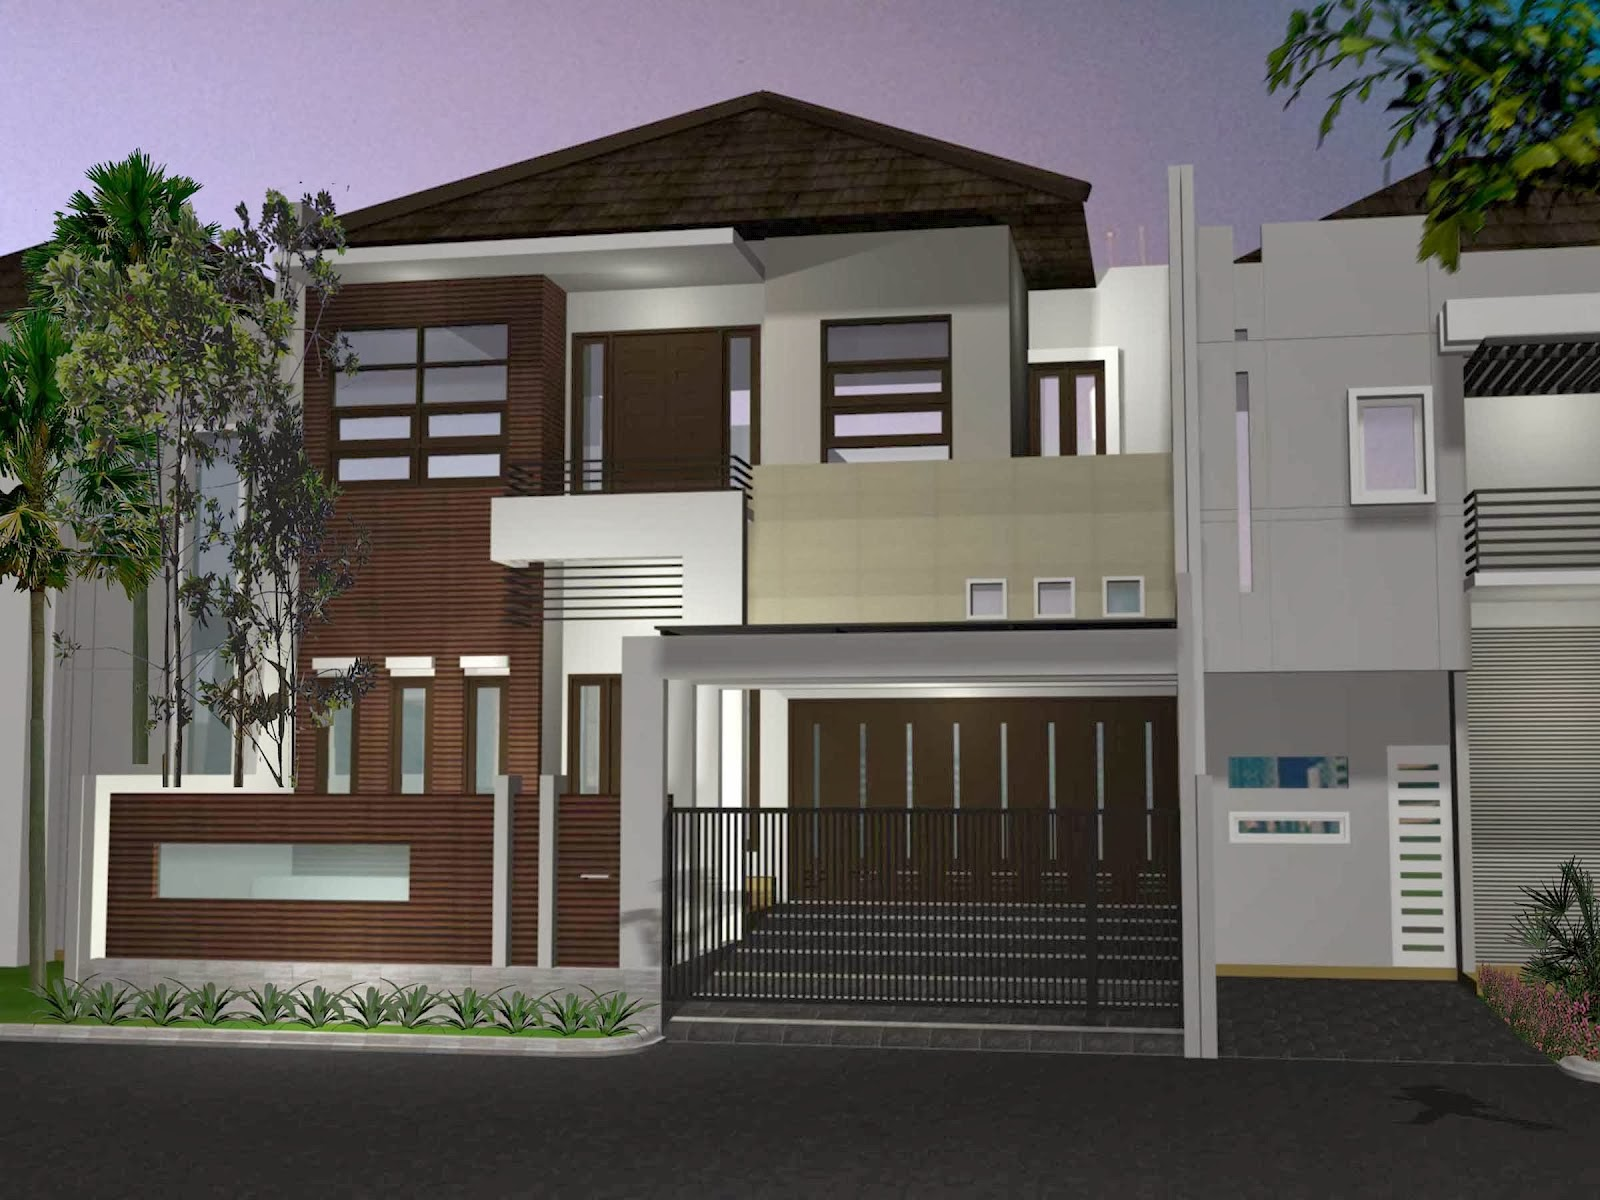 Home Design Interior Singapore Rumah 1 Lantai 3 Kamar Rumah